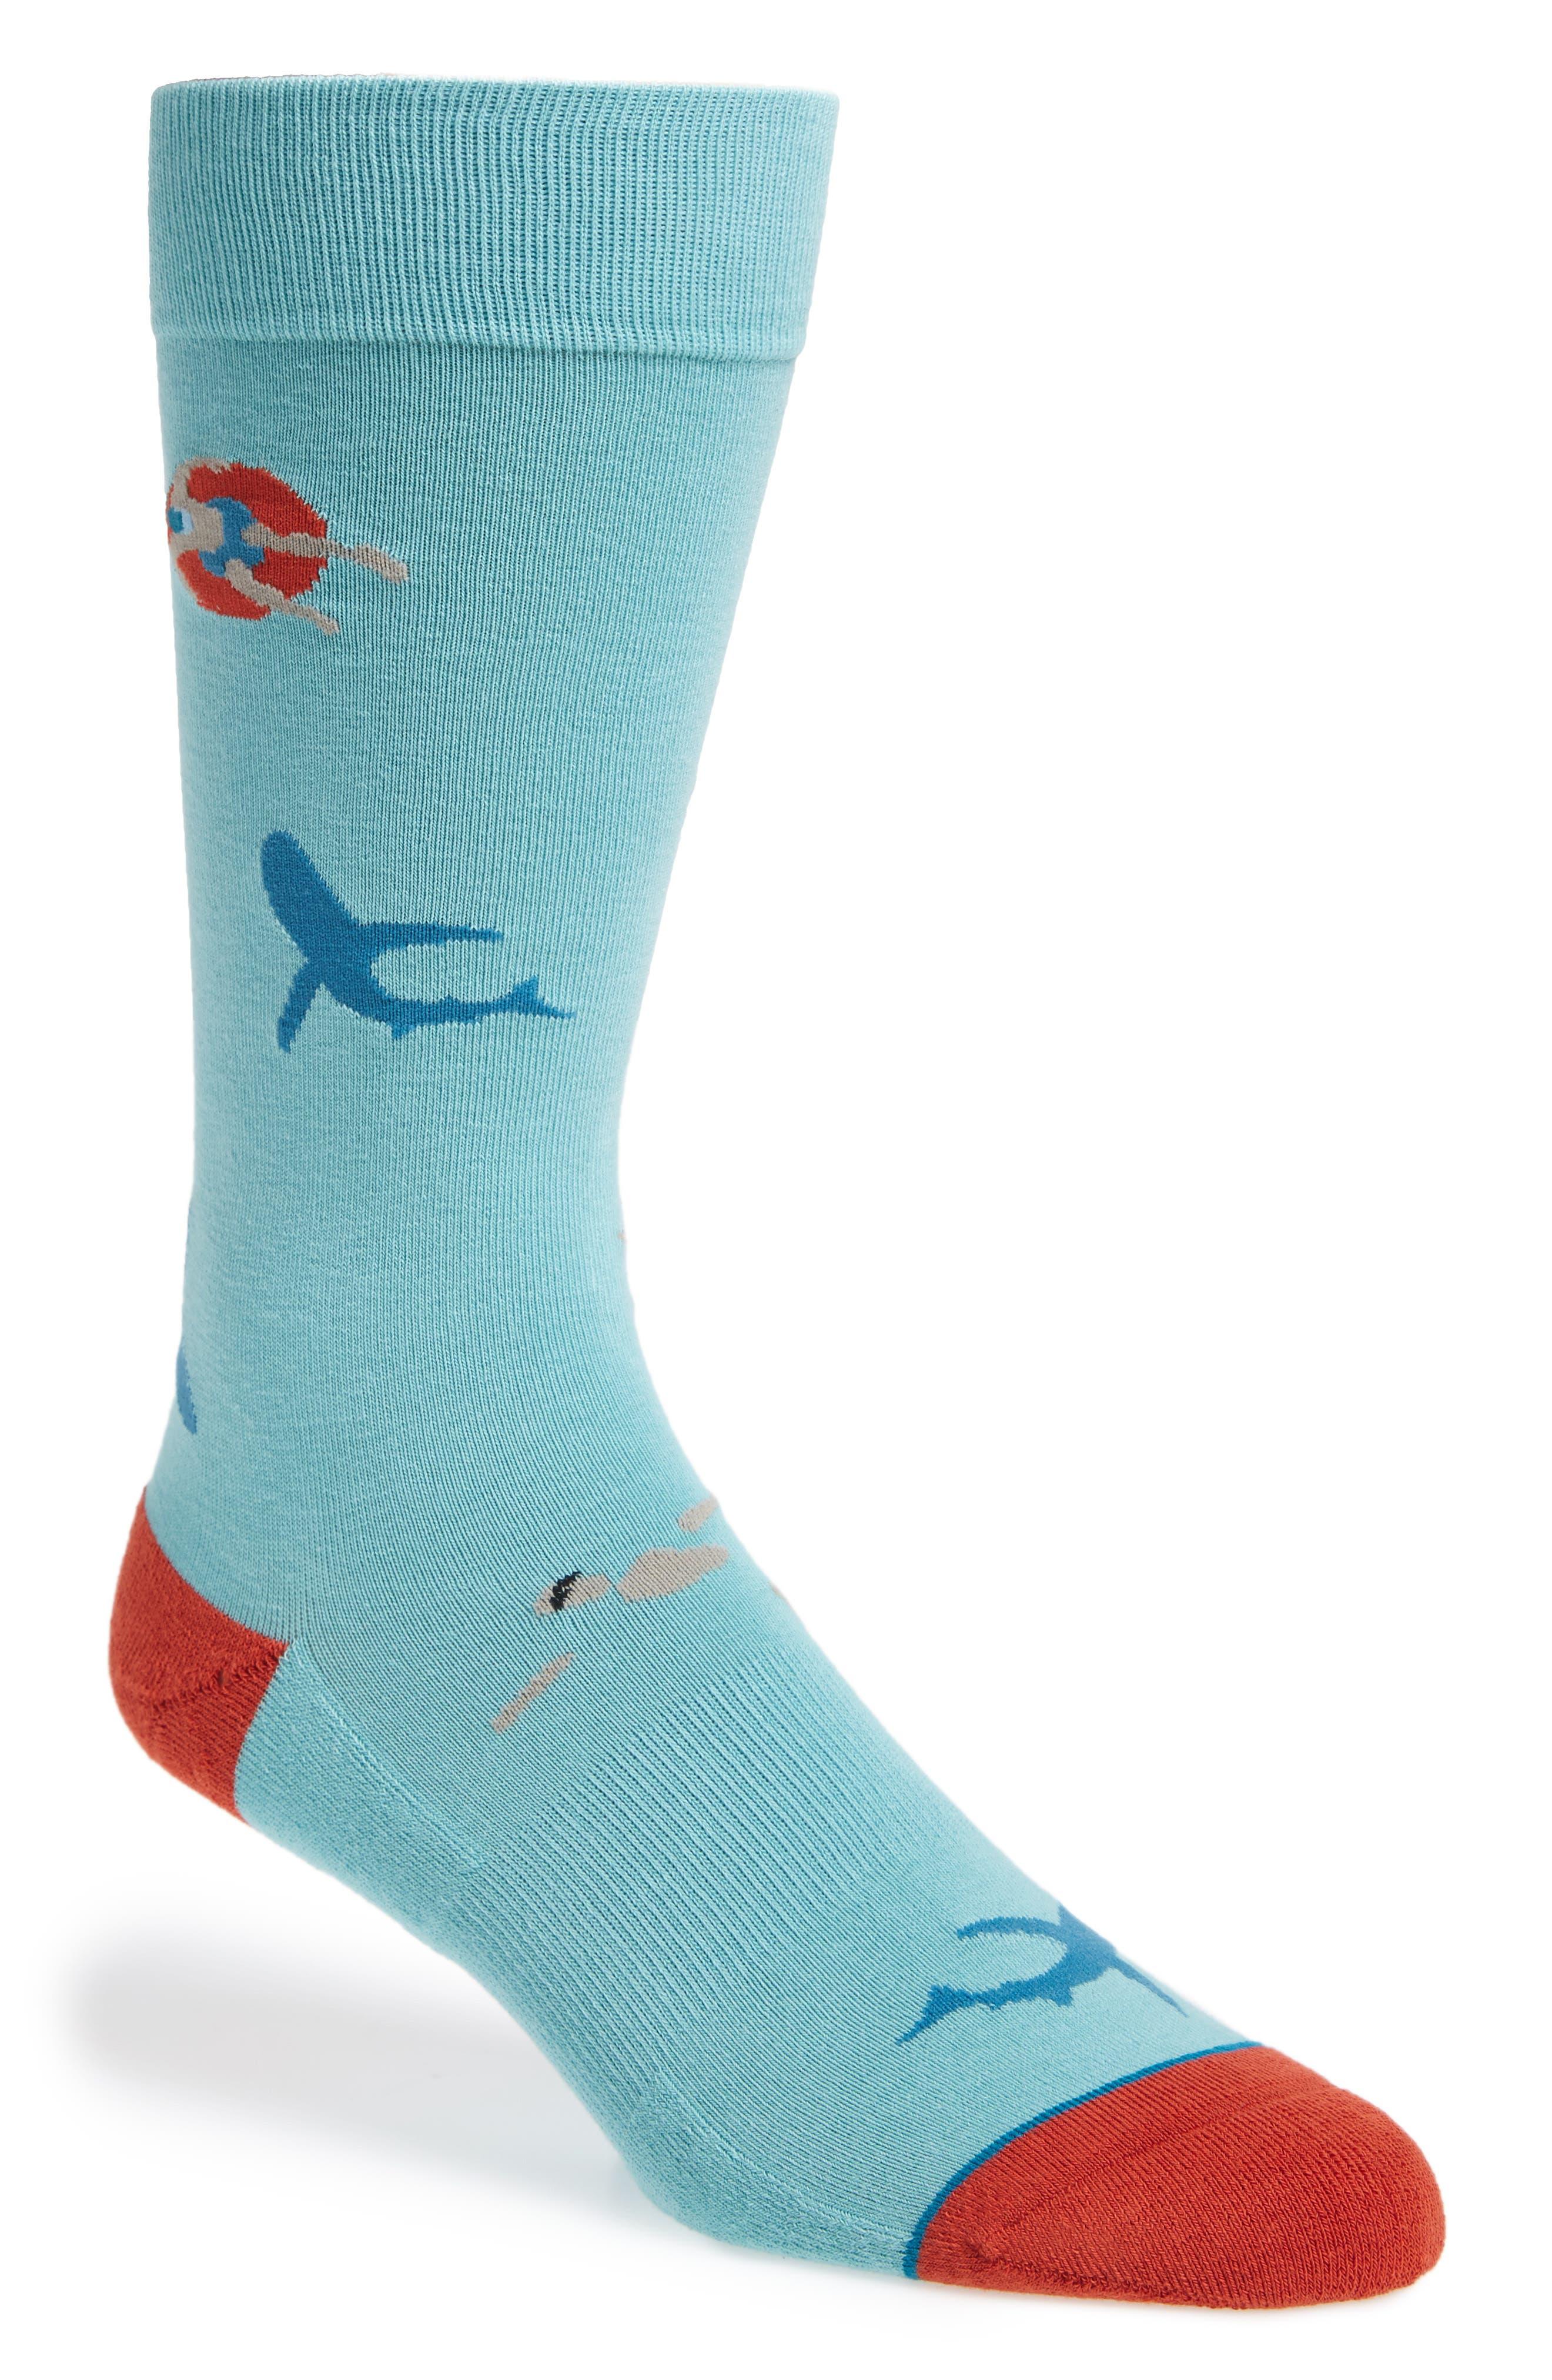 Alternate Image 1 Selected - Stance Lunchbreak Socks